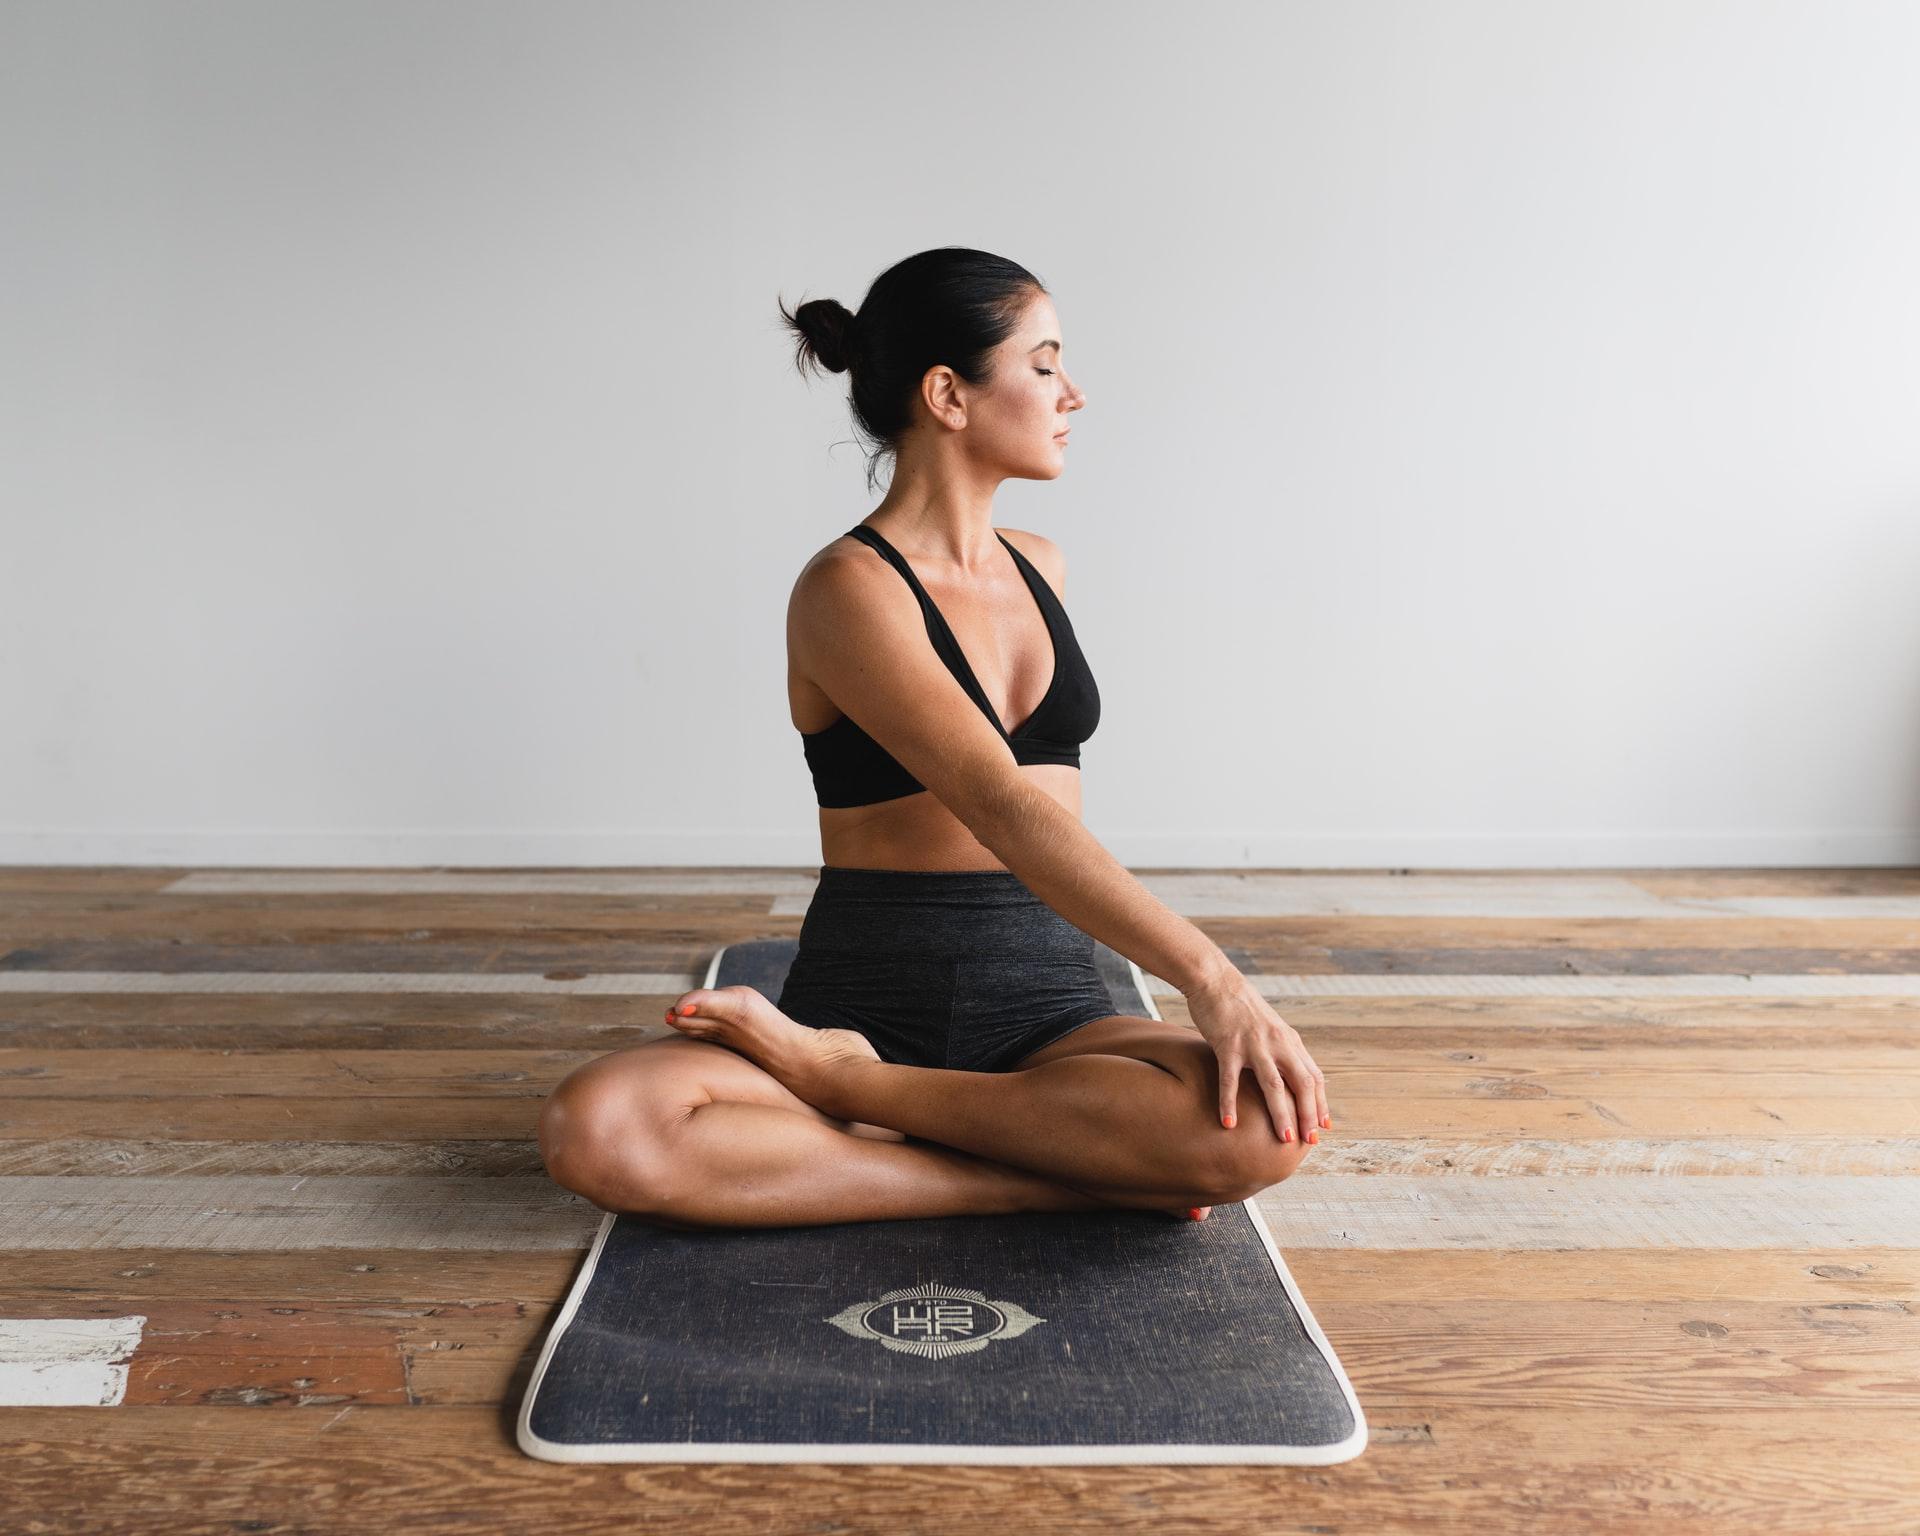 Melhores sites e apps de yoga gratuito